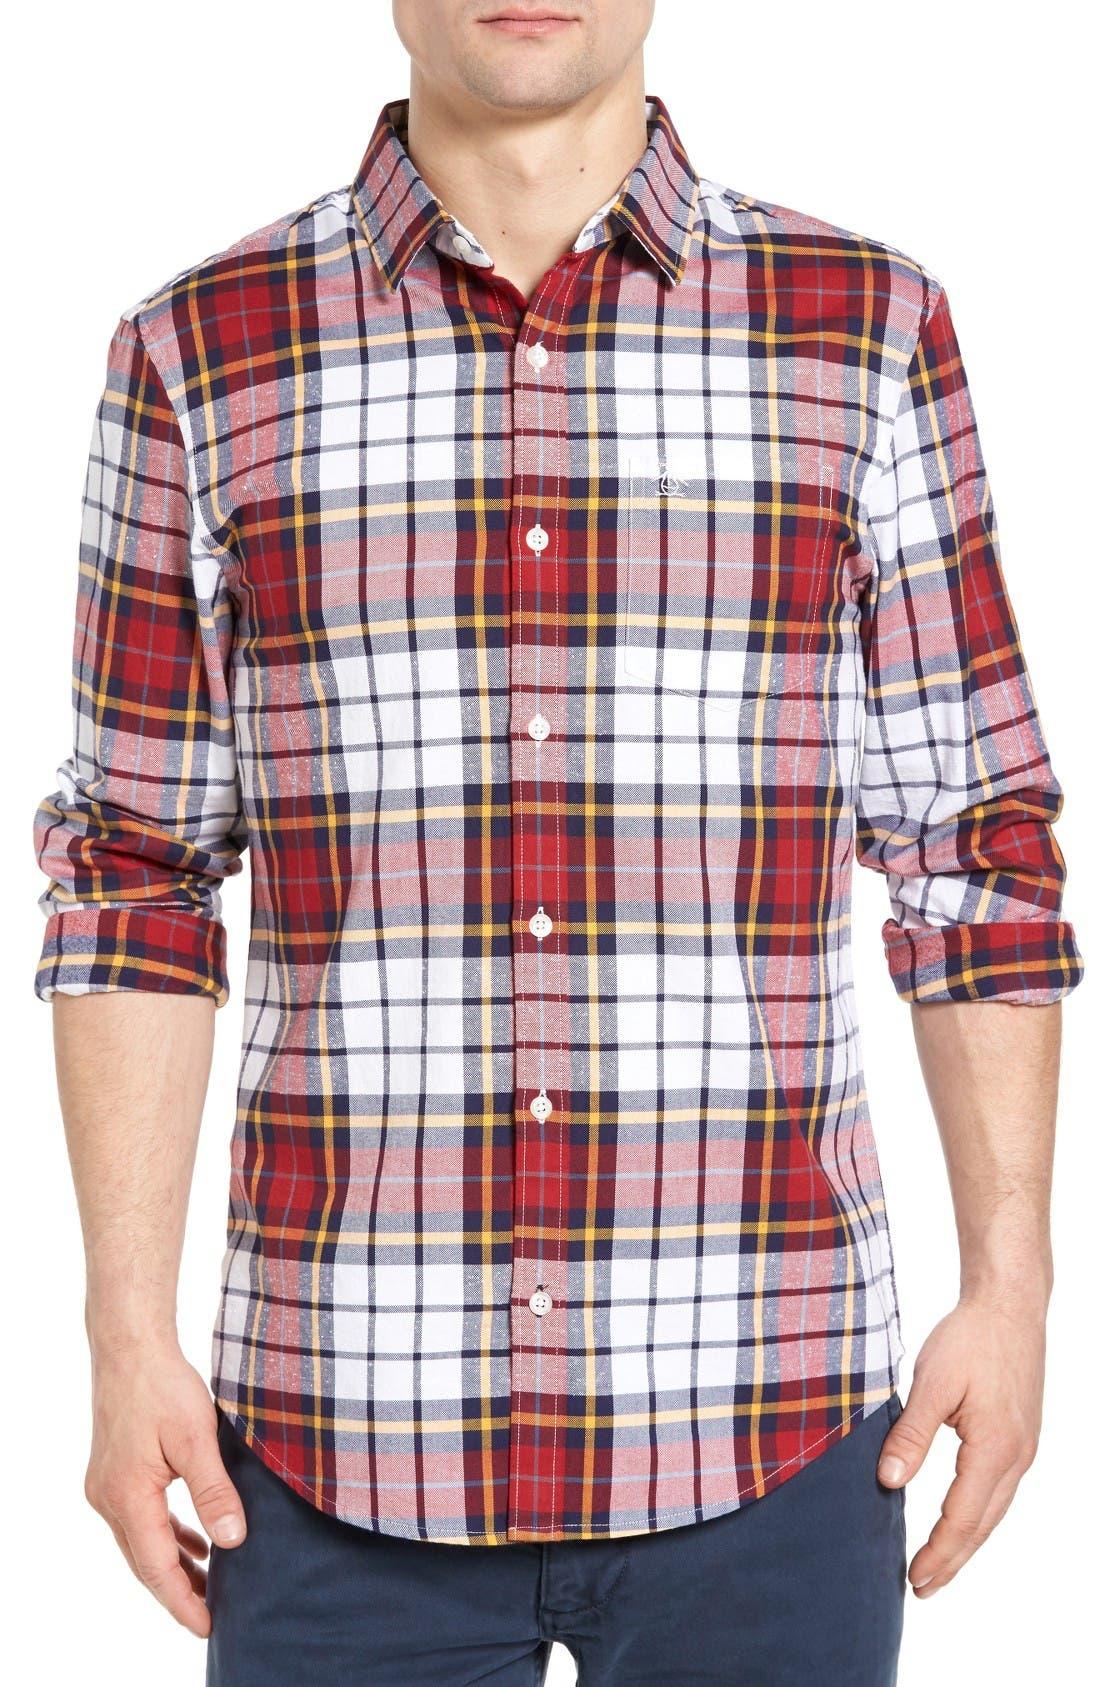 ORIGINAL PENGUIN Extra Trim Fit Oxford Plaid Shirt